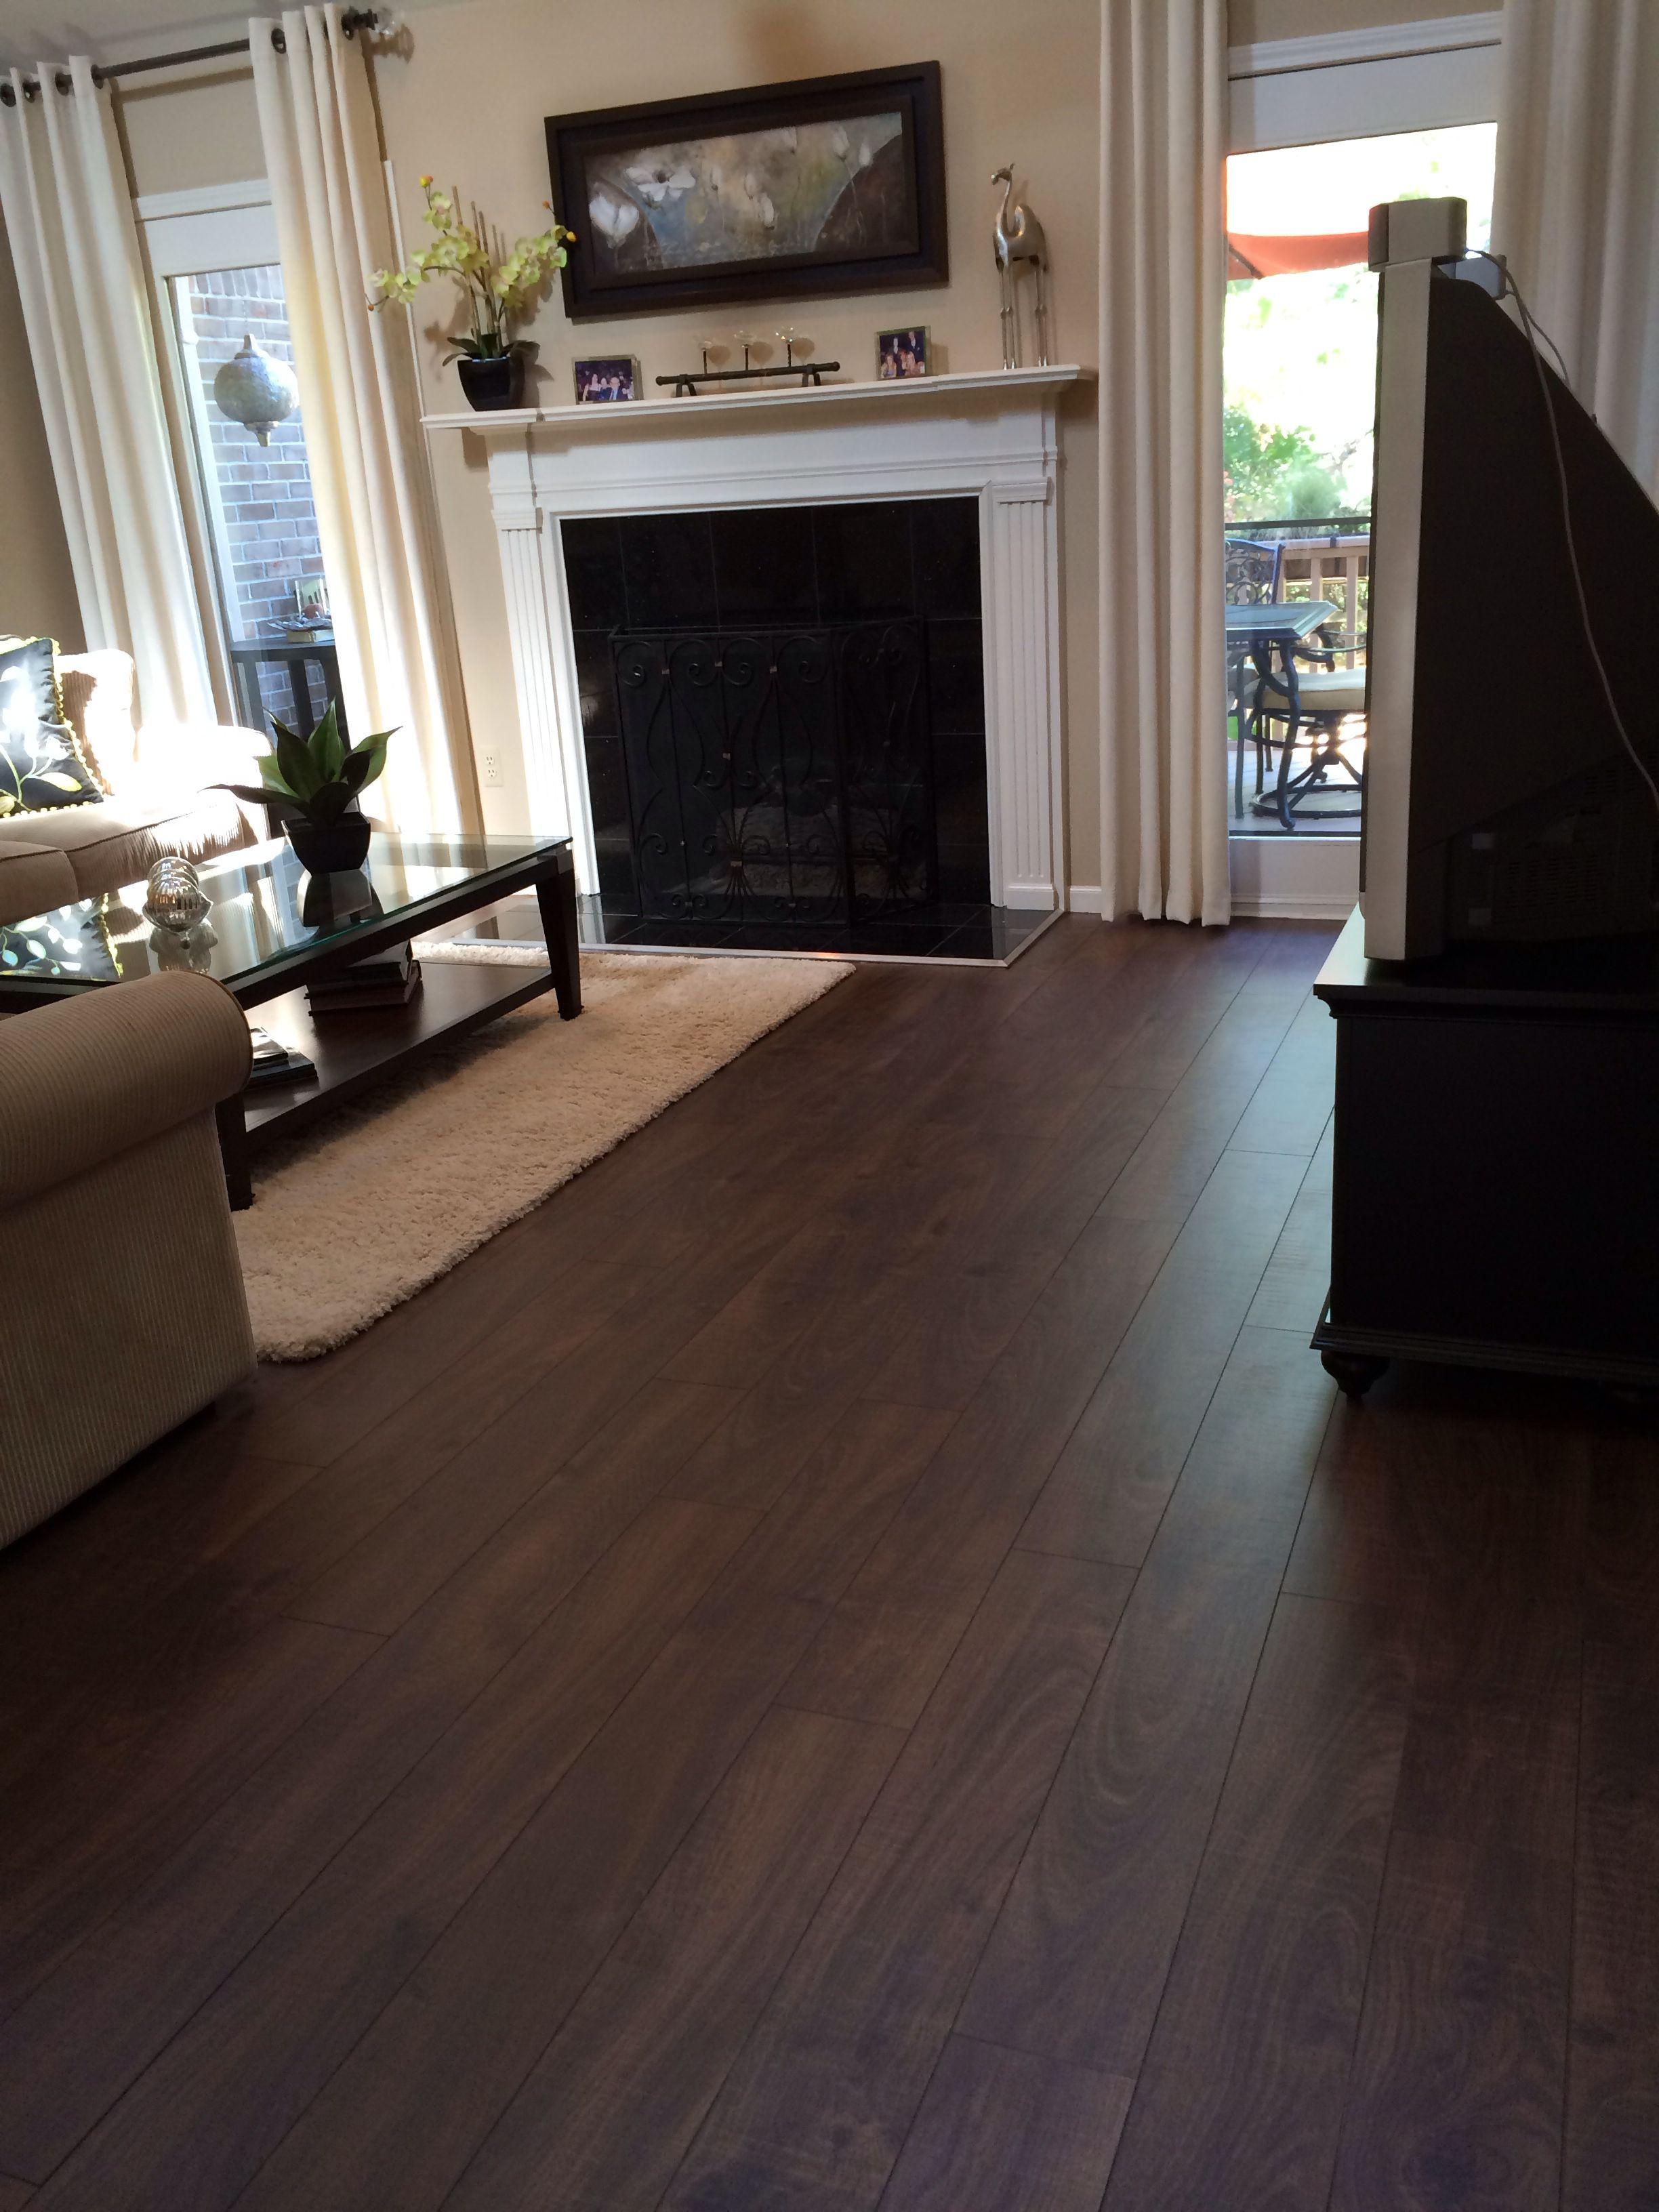 hardwood flooring names of wood or tile floors wooden tiles name graceland oak porcelain tile inside dark wood tile floor fresh pergo flooring lovely s media cache ak0 pinimg 736x 43 0d